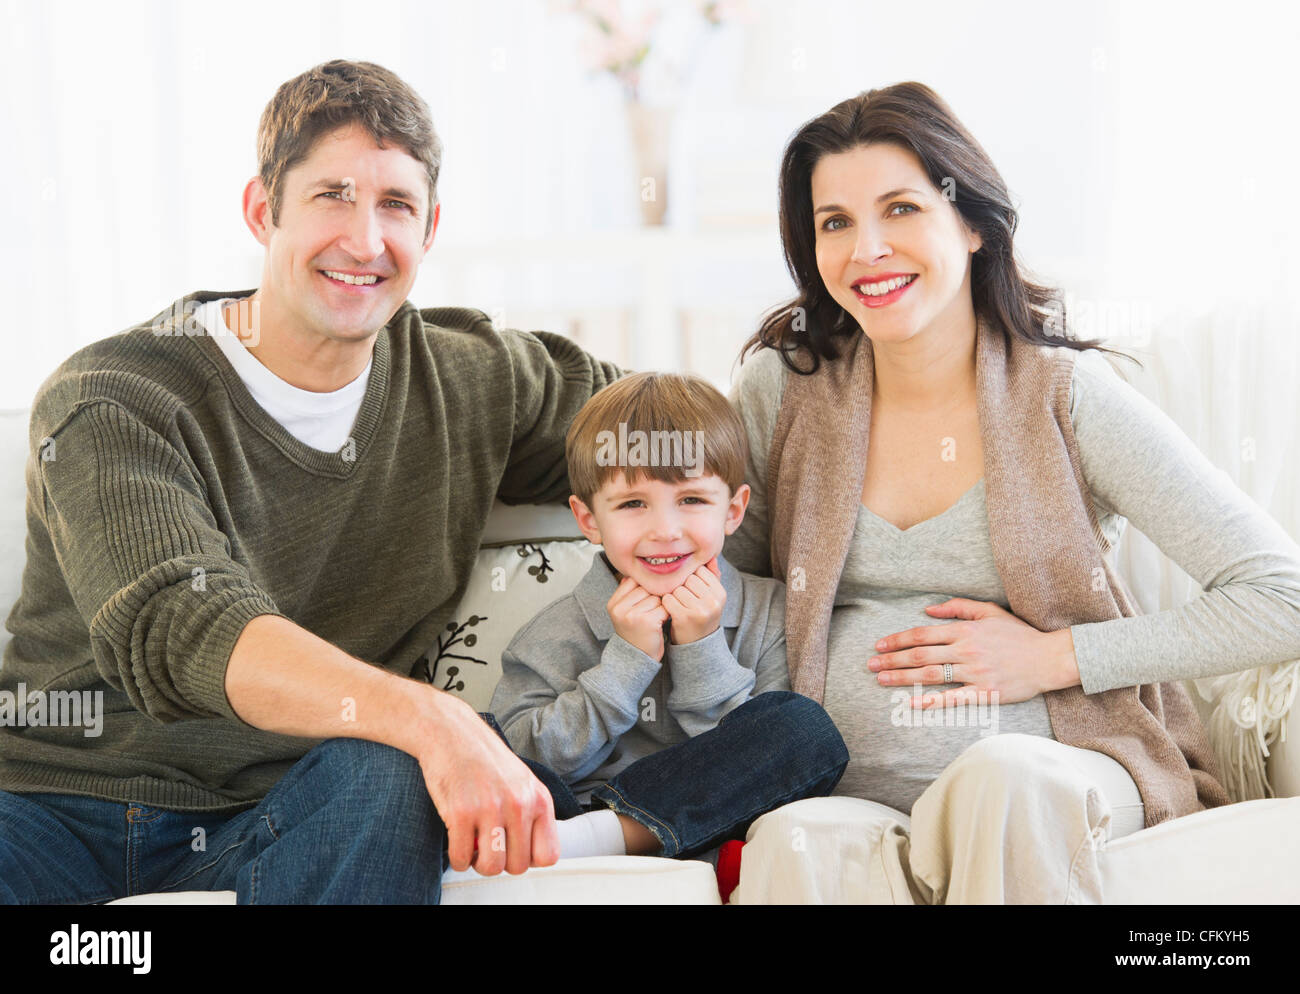 USA, New Jersey, Jersey City, Porträt von Eltern mit Sohn (4-5) auf sofa Stockfoto